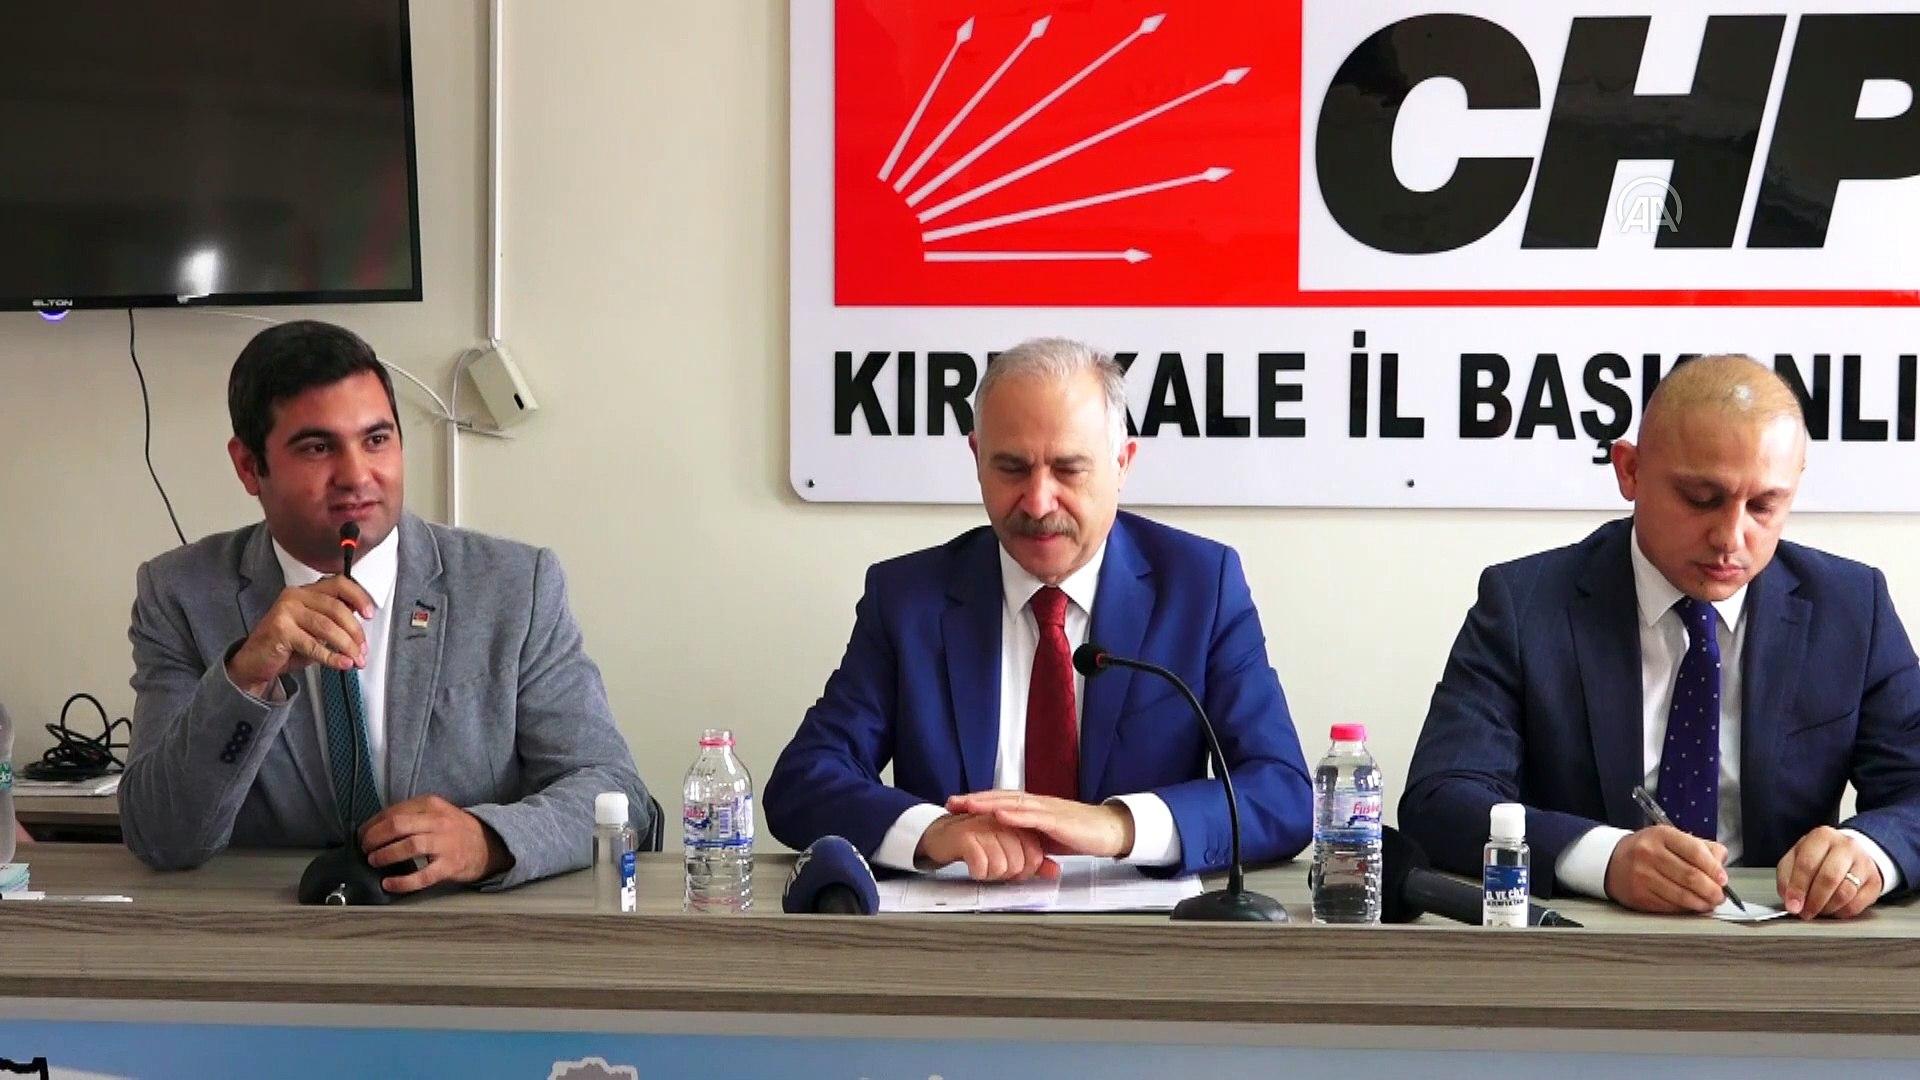 KIRIKKALE - CHP Milletvekili Levent Gök, Makine ve Kimya Endüstrisi Anonim Şirketi kurulmasını değer